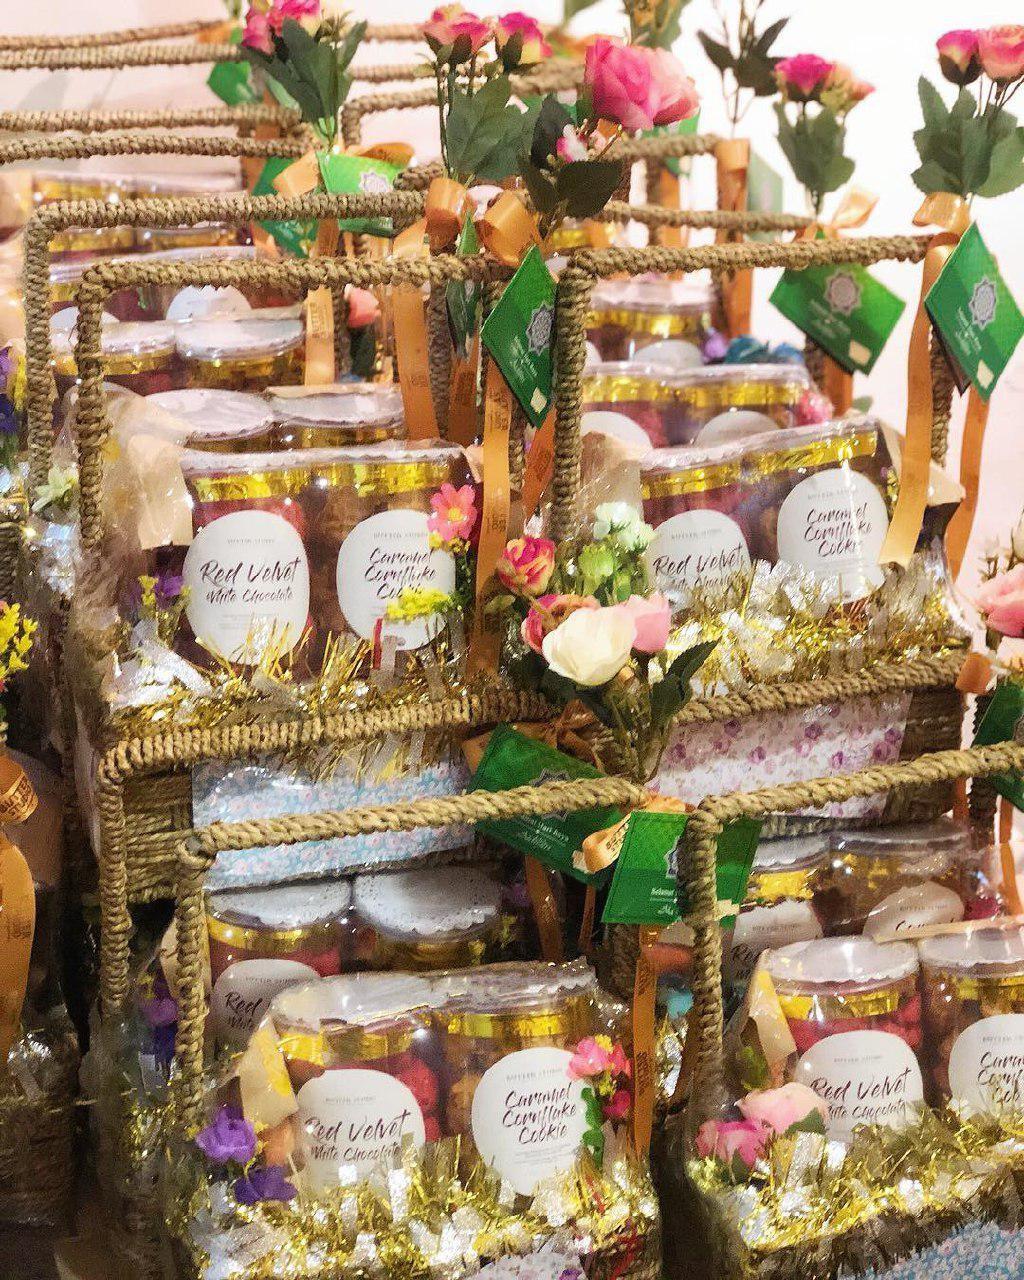 Hari Raya Kuih - Joyful Raya Gift Basket